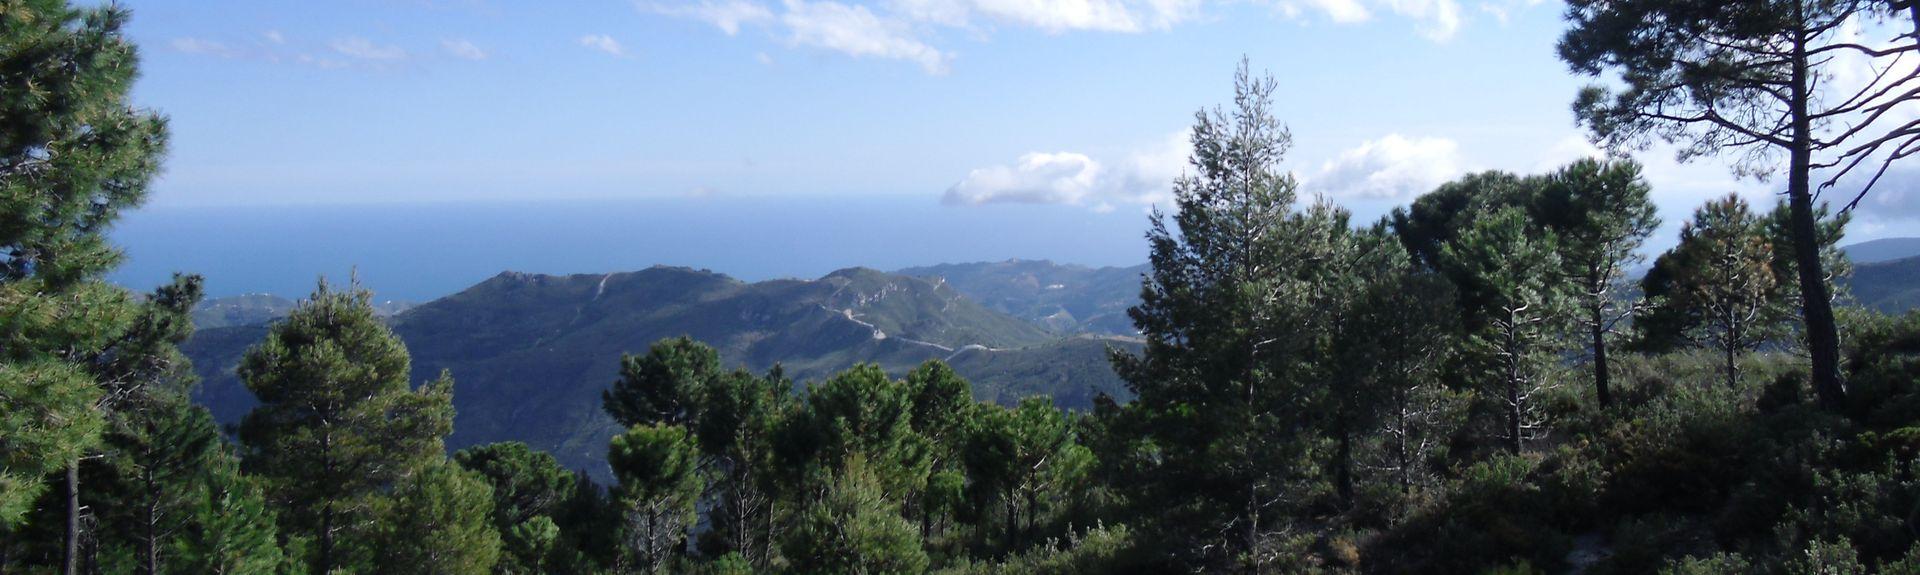 Maro, Andalusien, Spanien